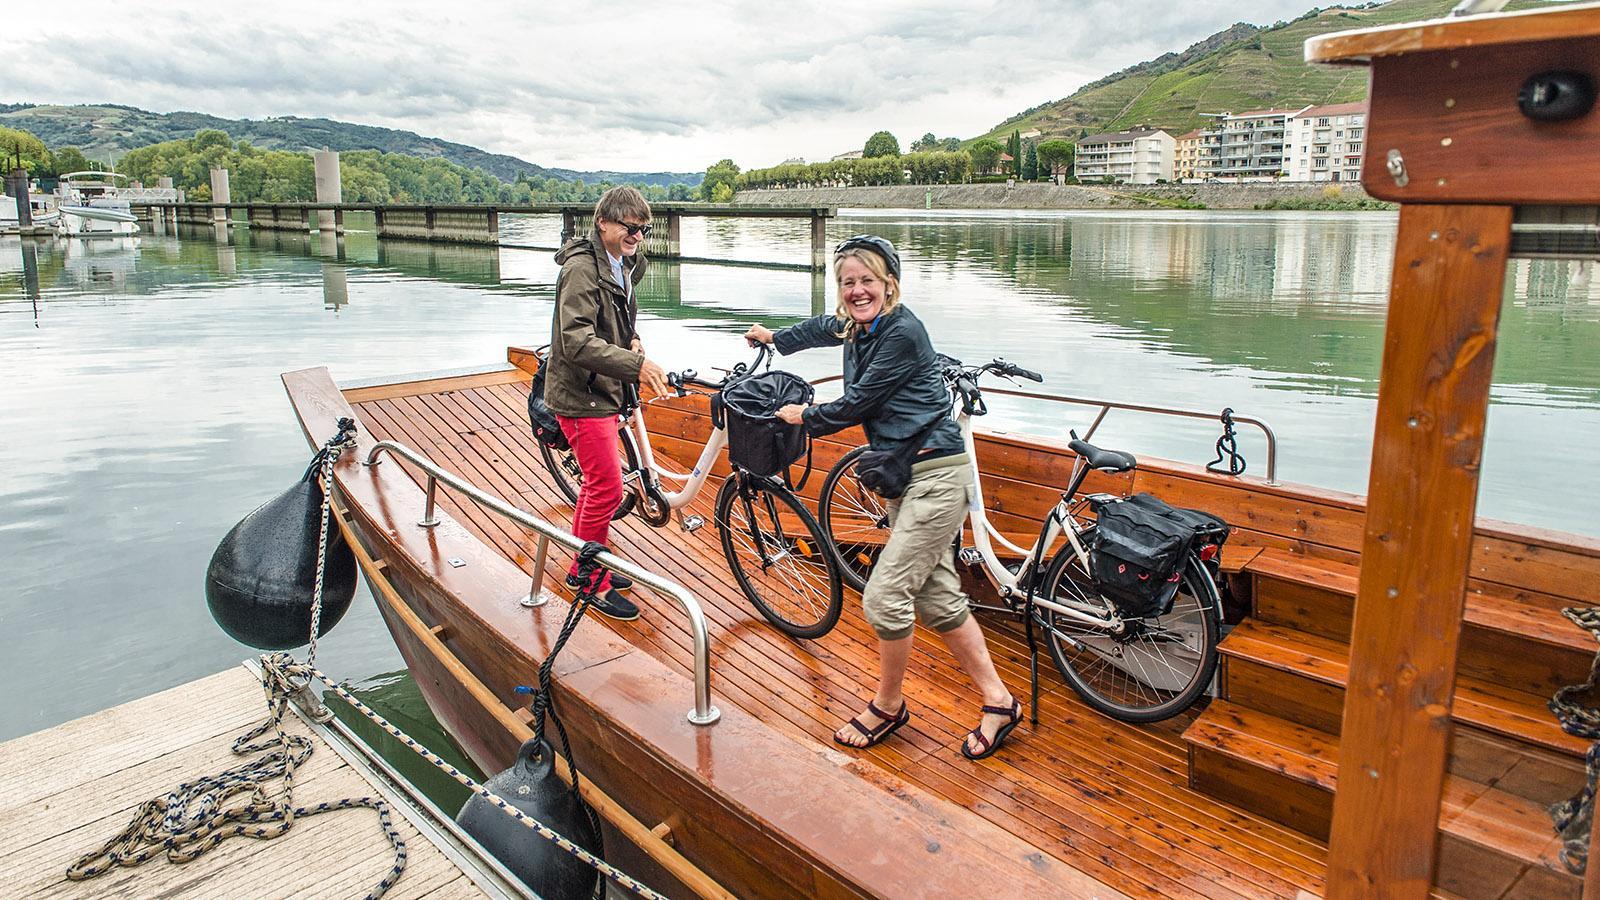 Tournon: Les Canotiers nehmen auch Fahrräder mit! Foto: Hilke Maunder